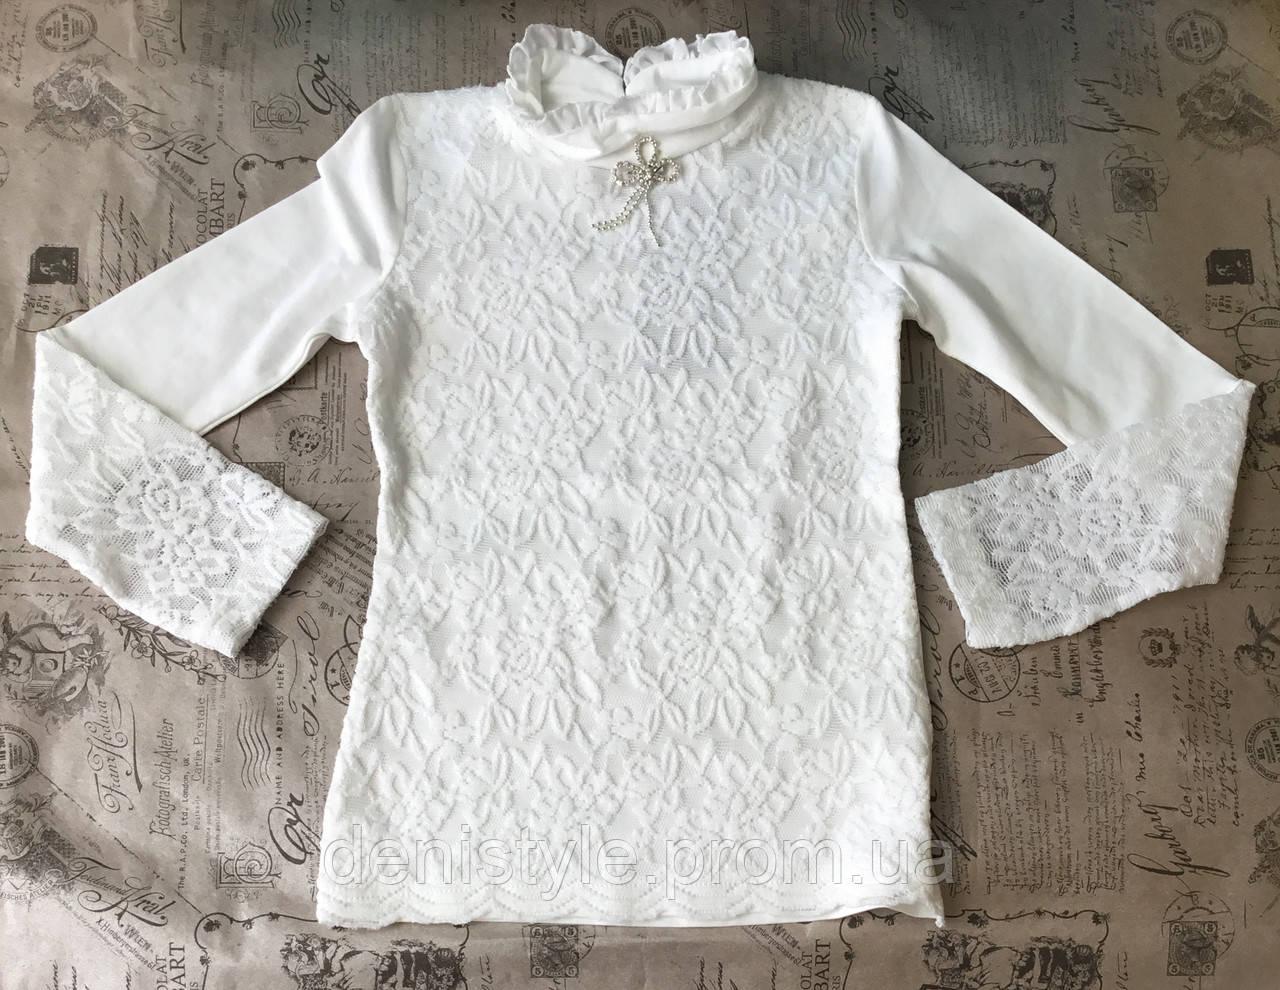 05e7bfe4d11 Школьная блузка для девочек Matilda р-р 128-164 см  продажа